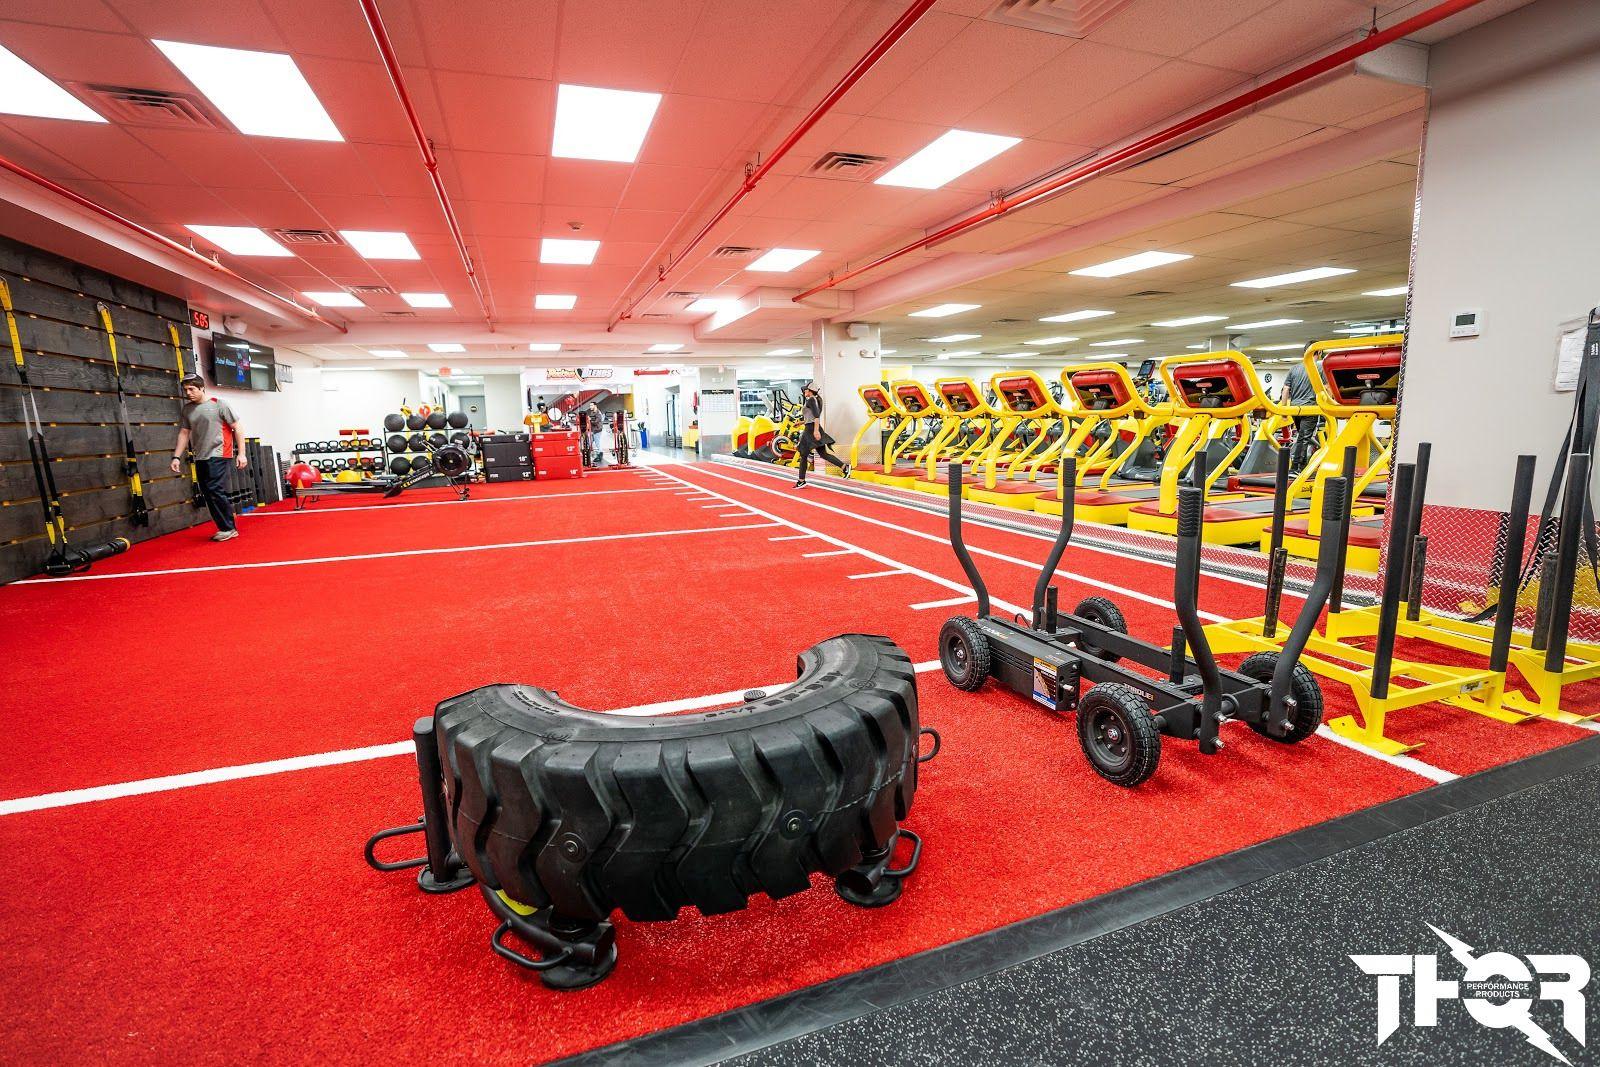 Artificial Turf For Fitness Fitness Center Design Wellness Design Gym Design